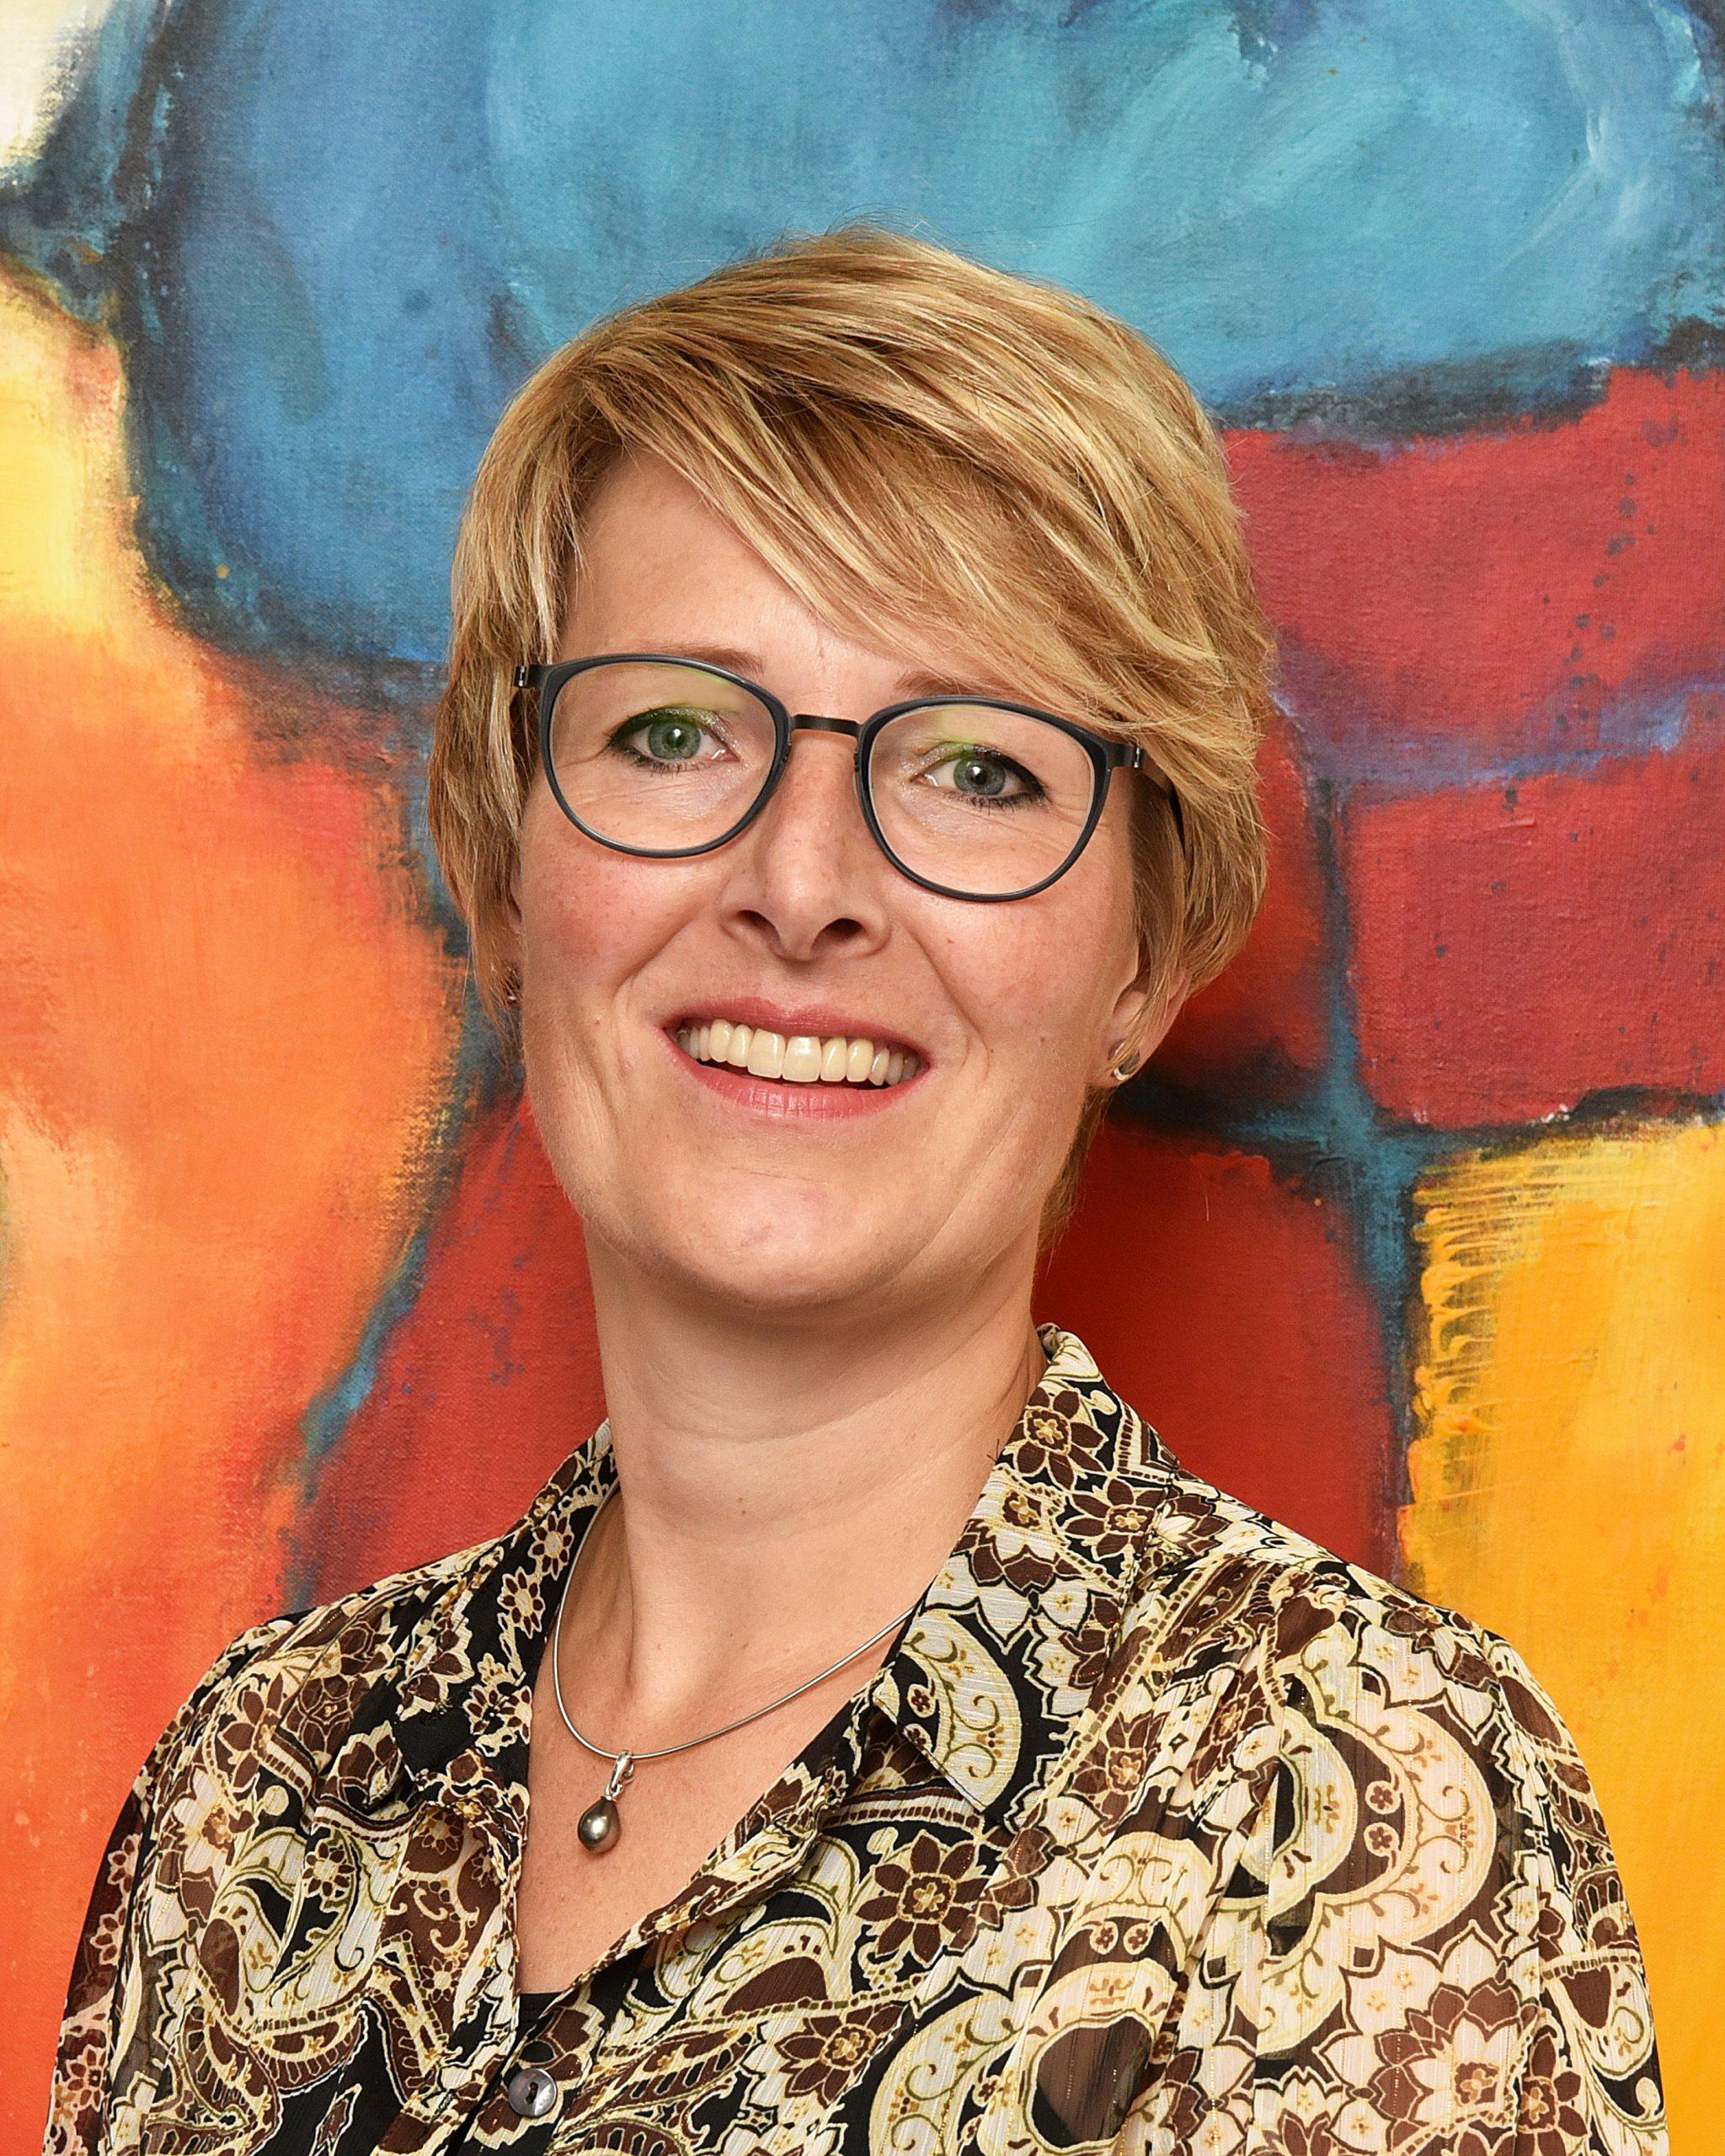 Yvonne Willemse